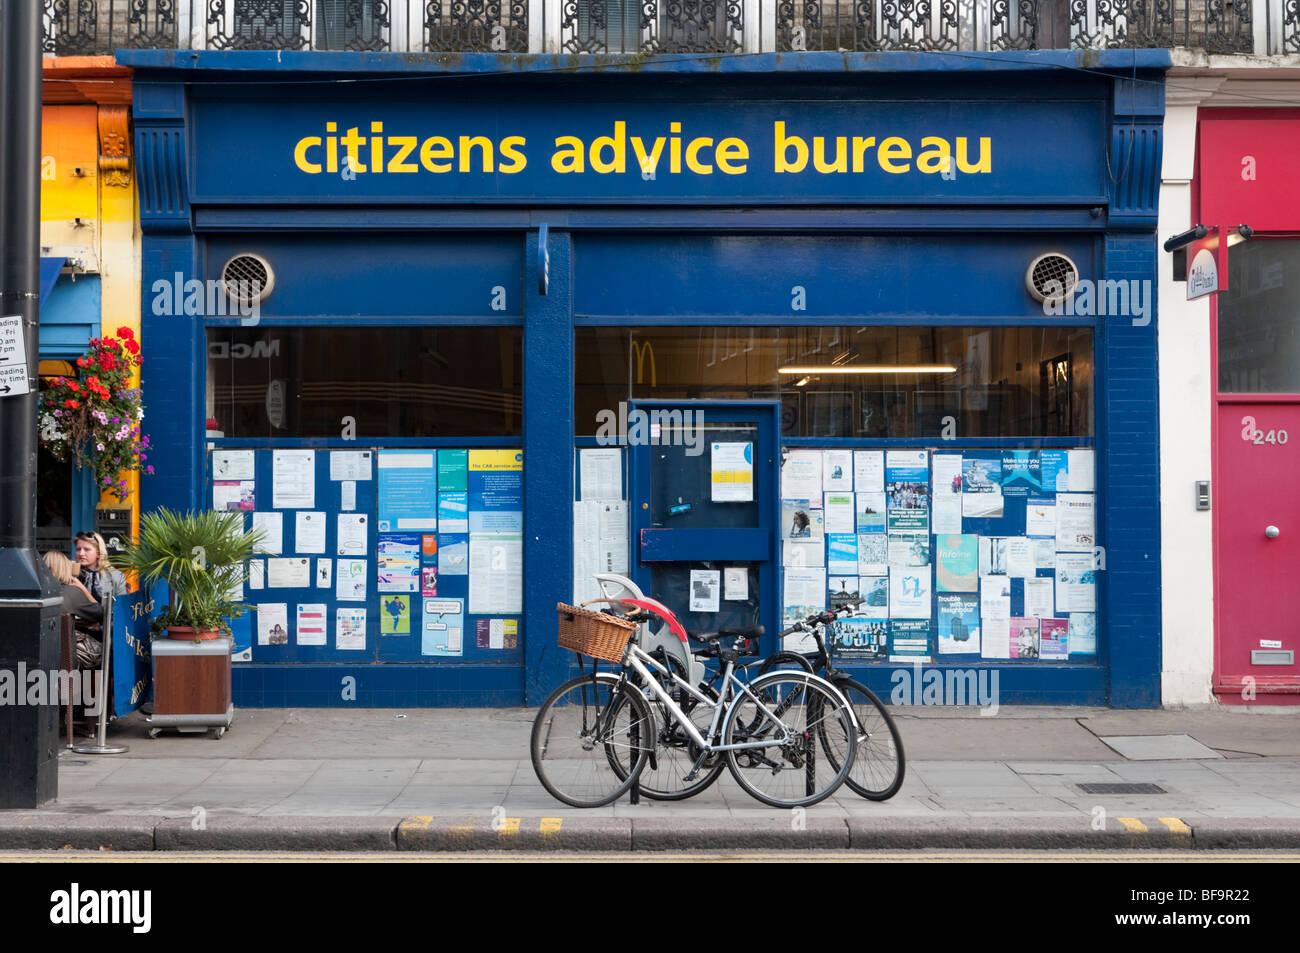 citizens advice bureau in london england uk